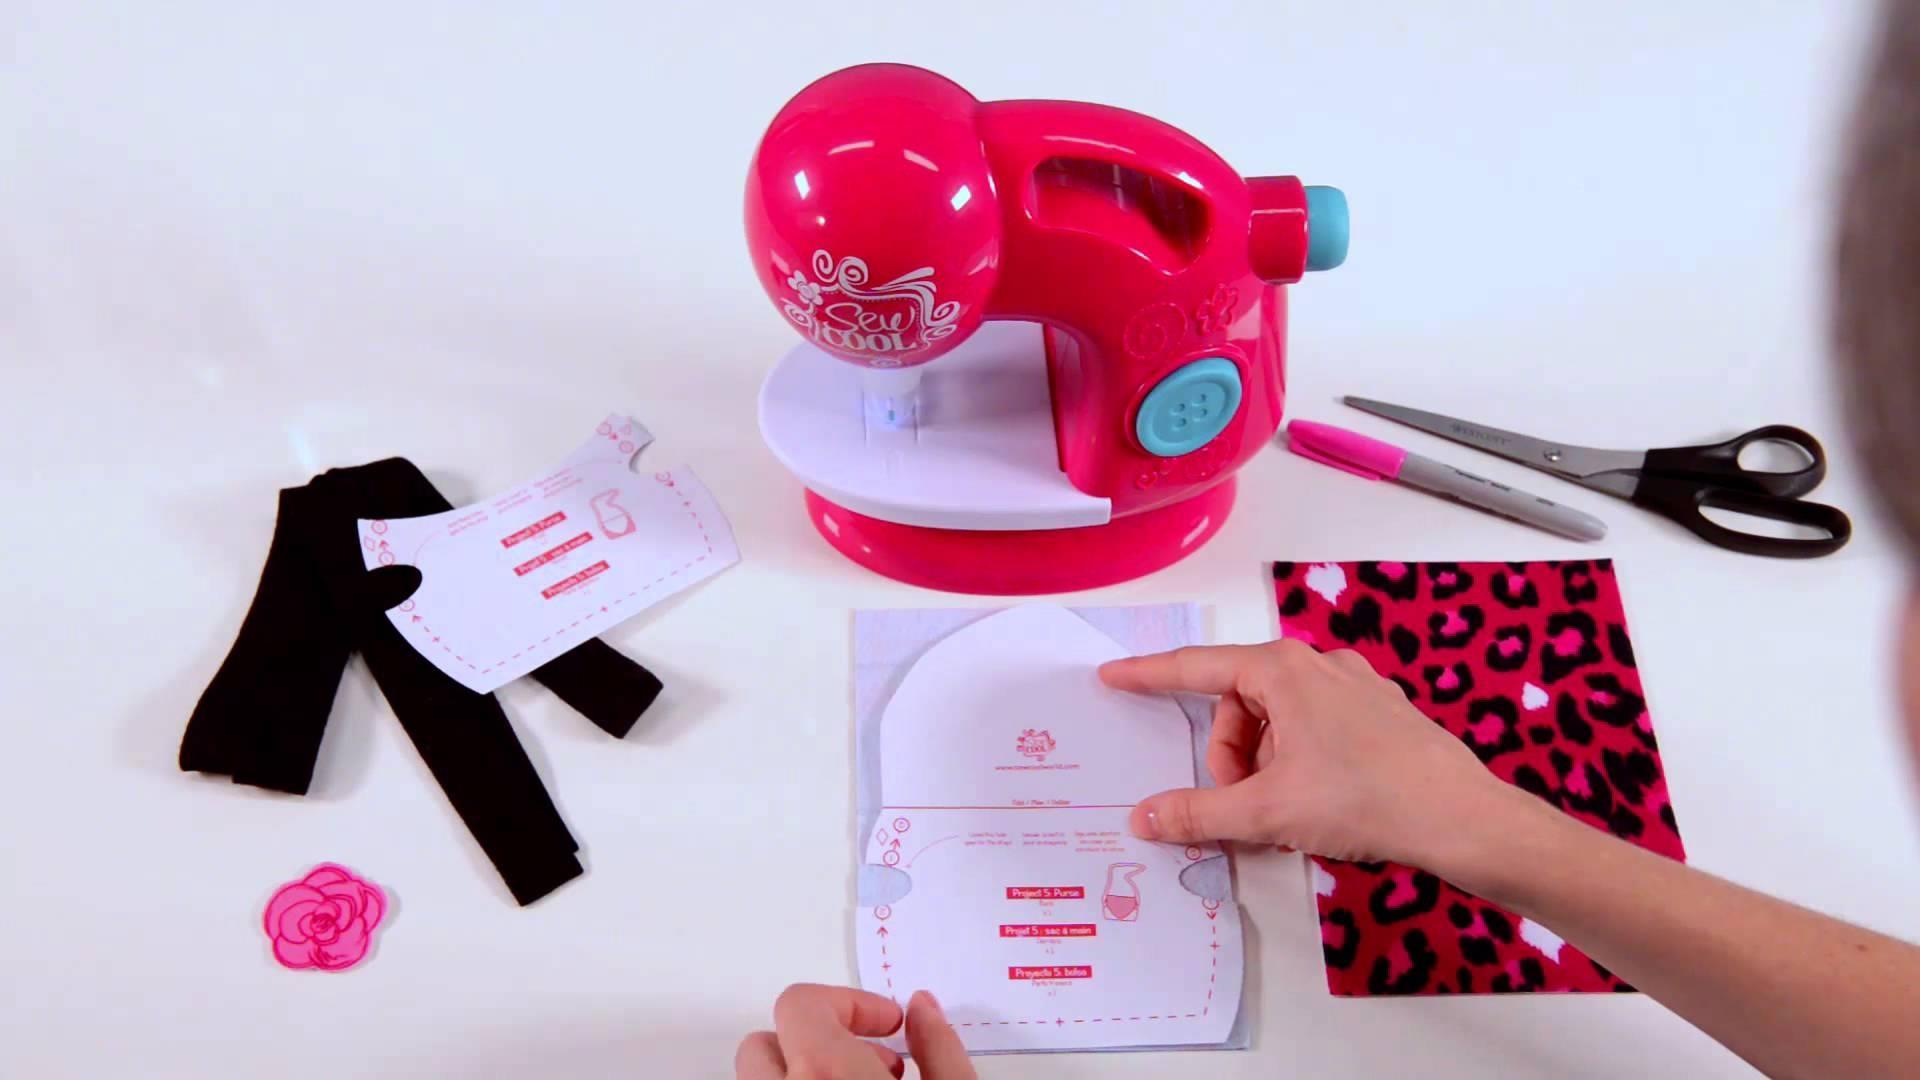 Sew cool pour s initier la couture sans risque for Machine a coudre nature et decouverte